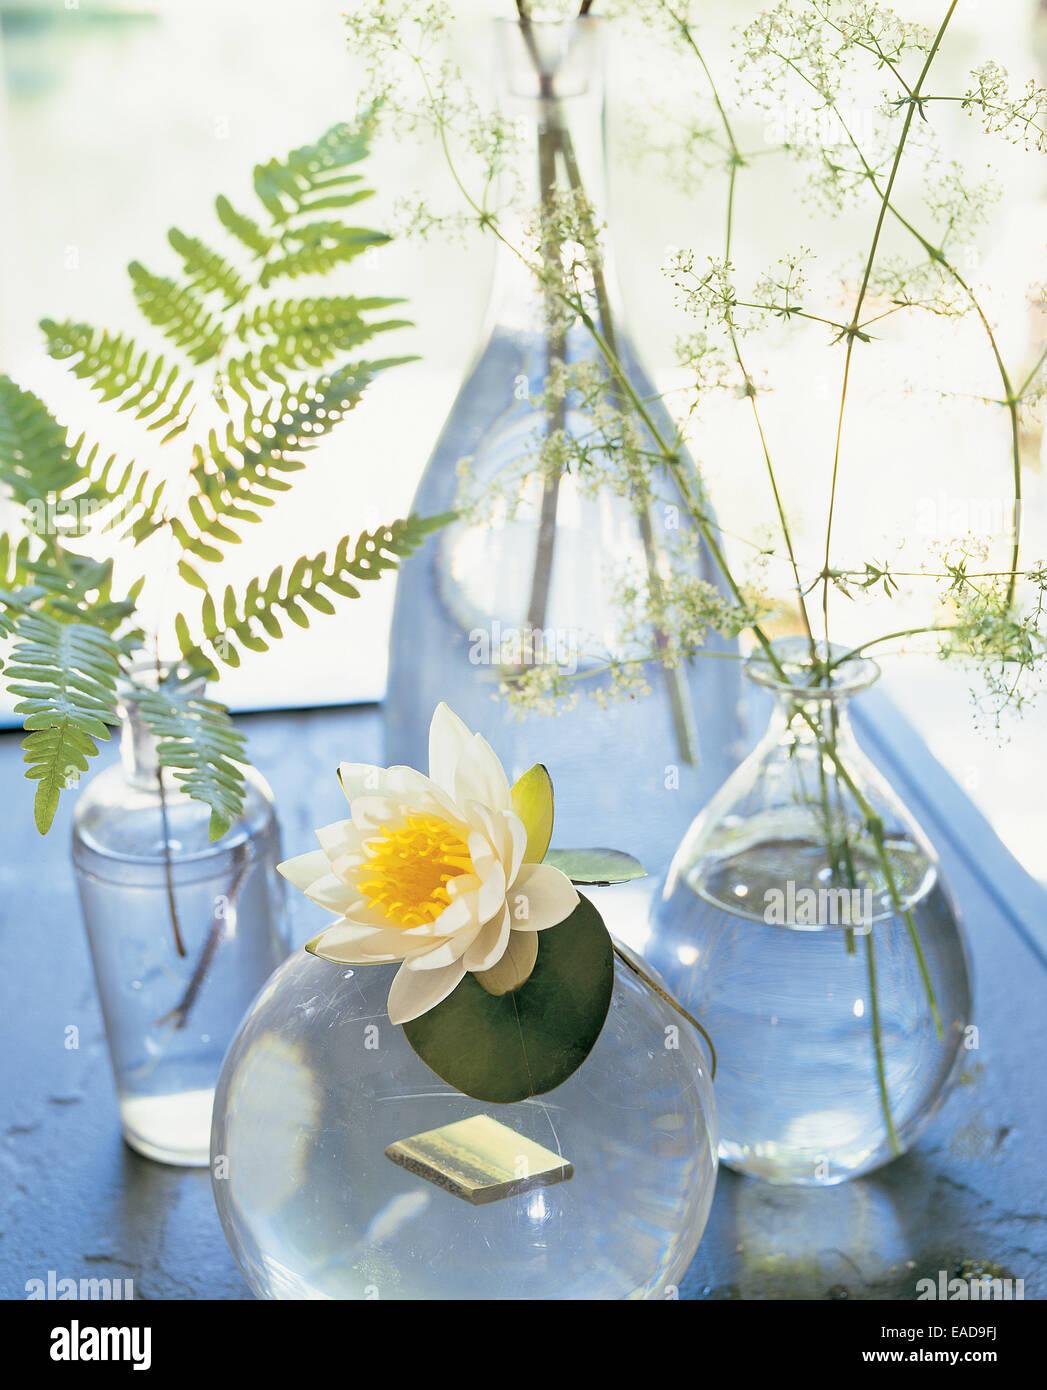 floral arrangement - Stock Image